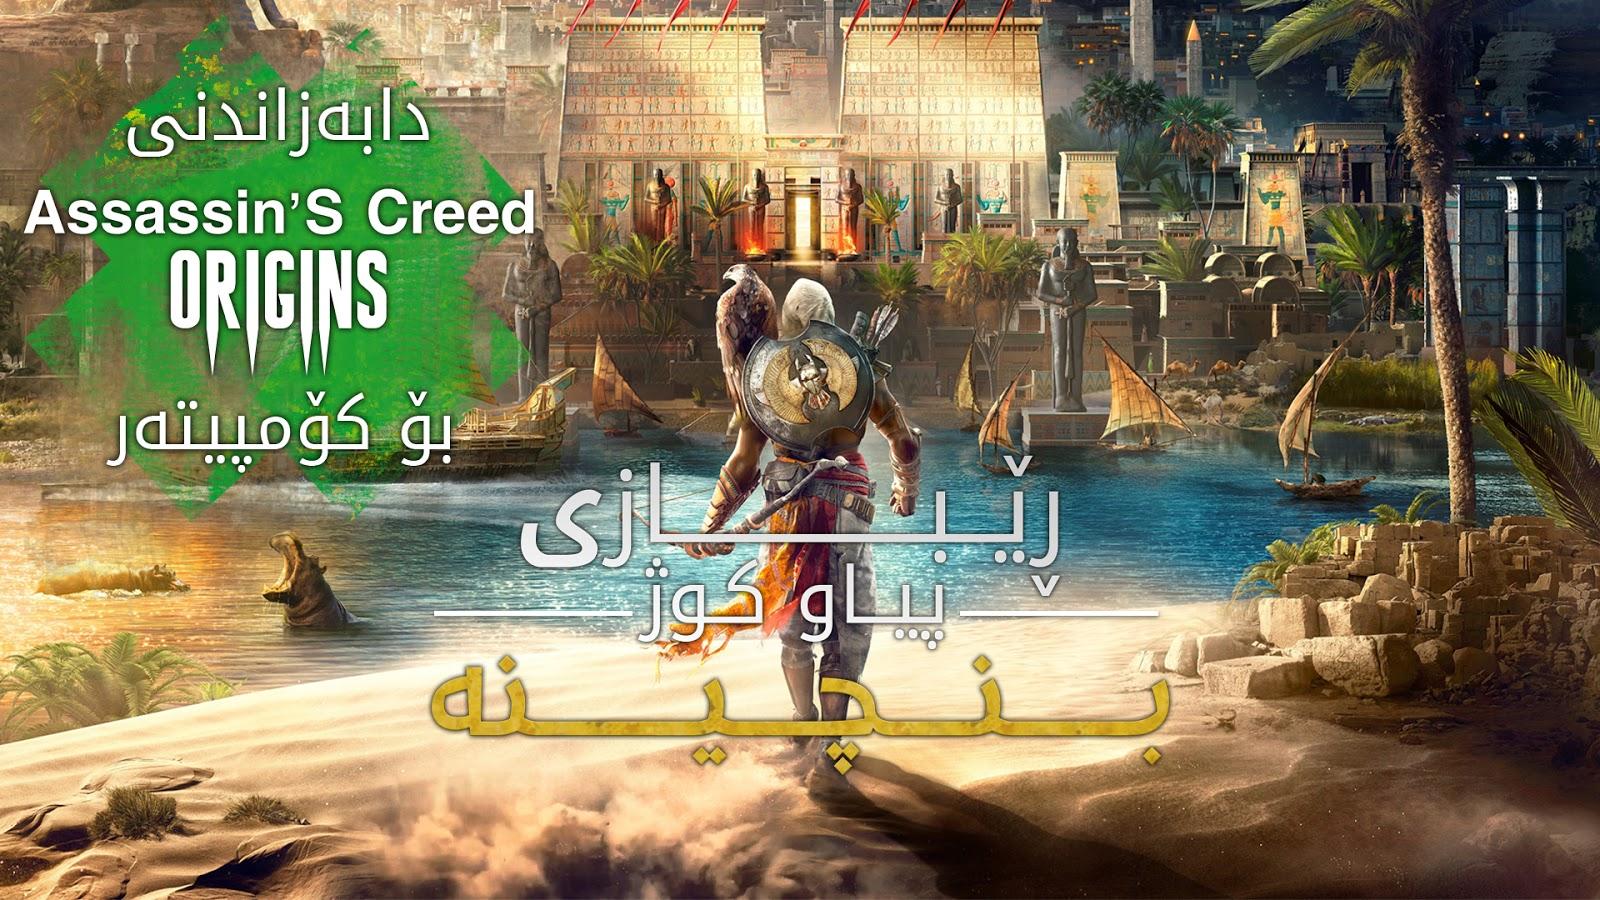 دابهزاندنی یاری Assassin's Creed Origins بۆ كۆمپیتهر+فێركاری